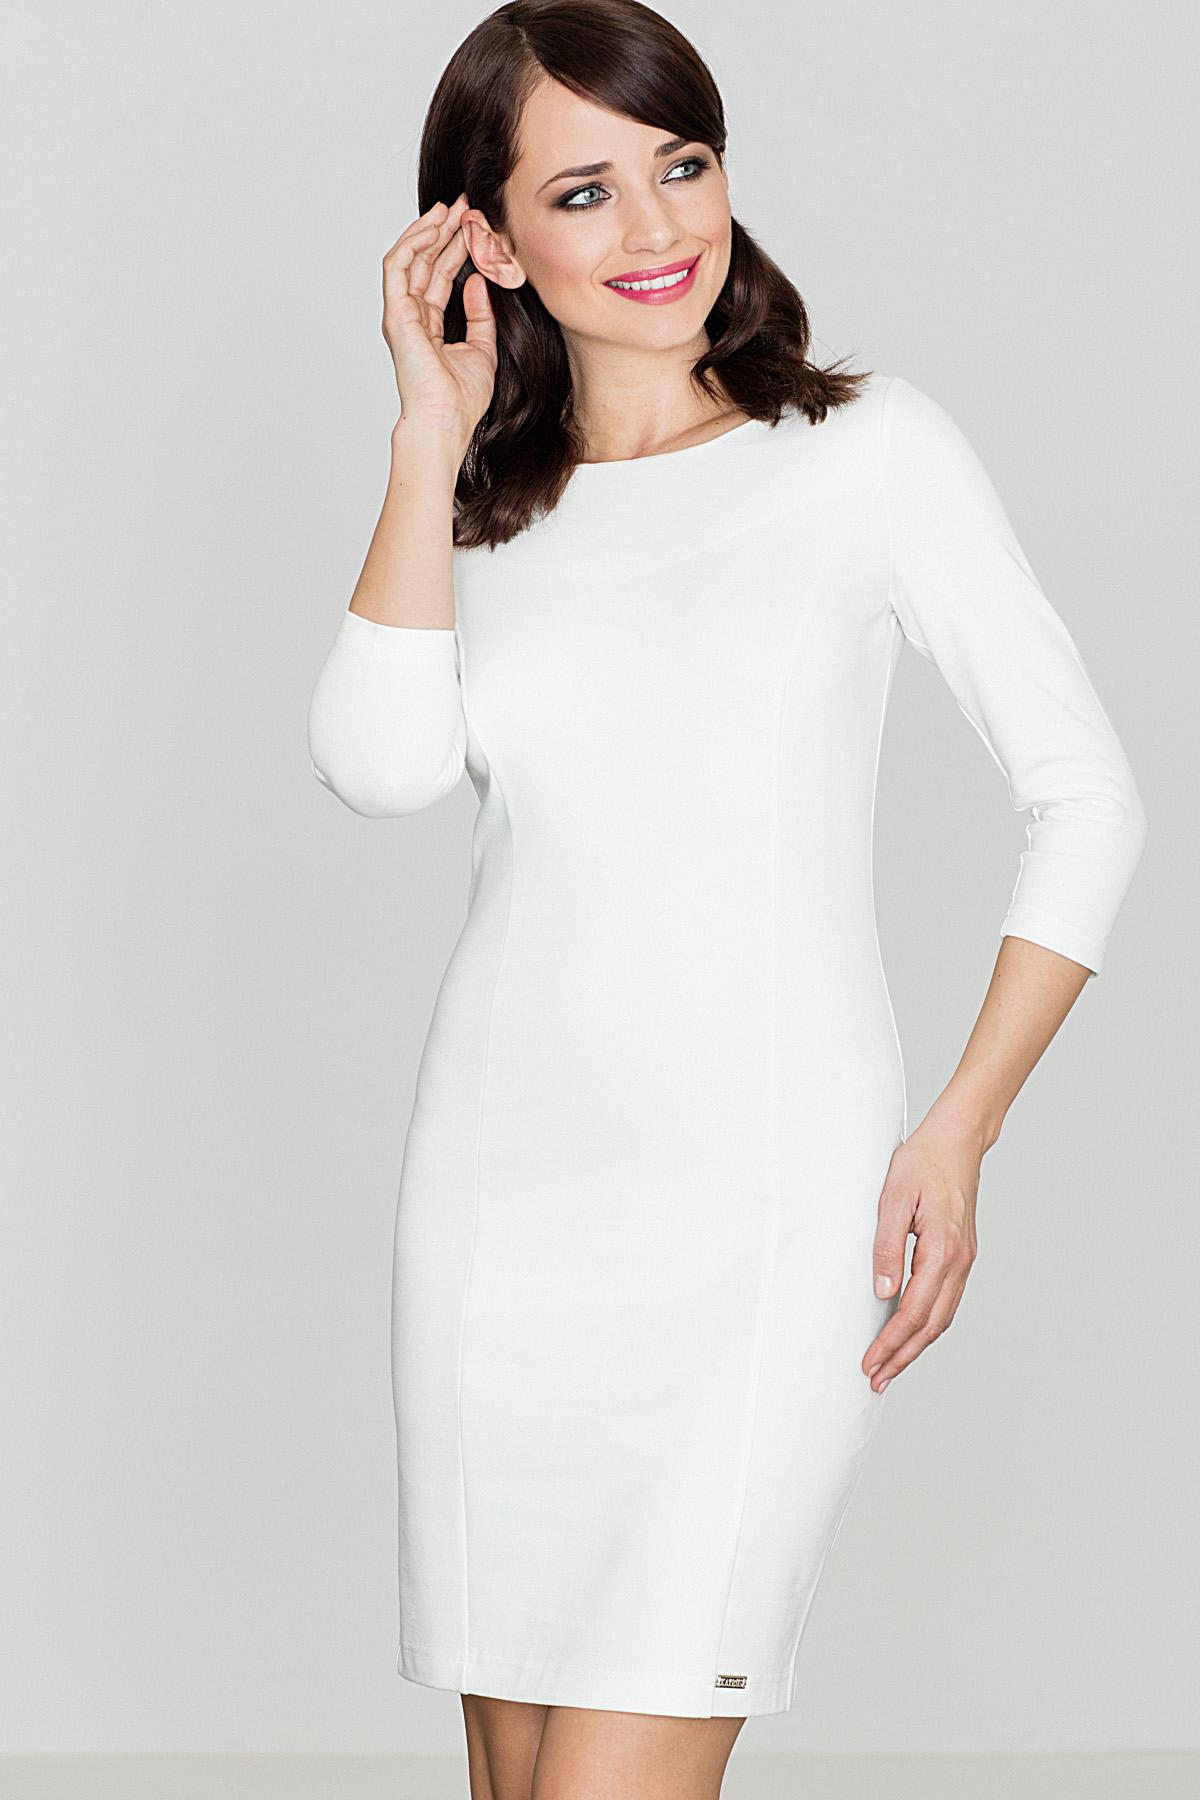 1a7696369f3c Lenitif Dámske biele púzdrové šaty s 3 4 rukávom K317 - Glami.sk